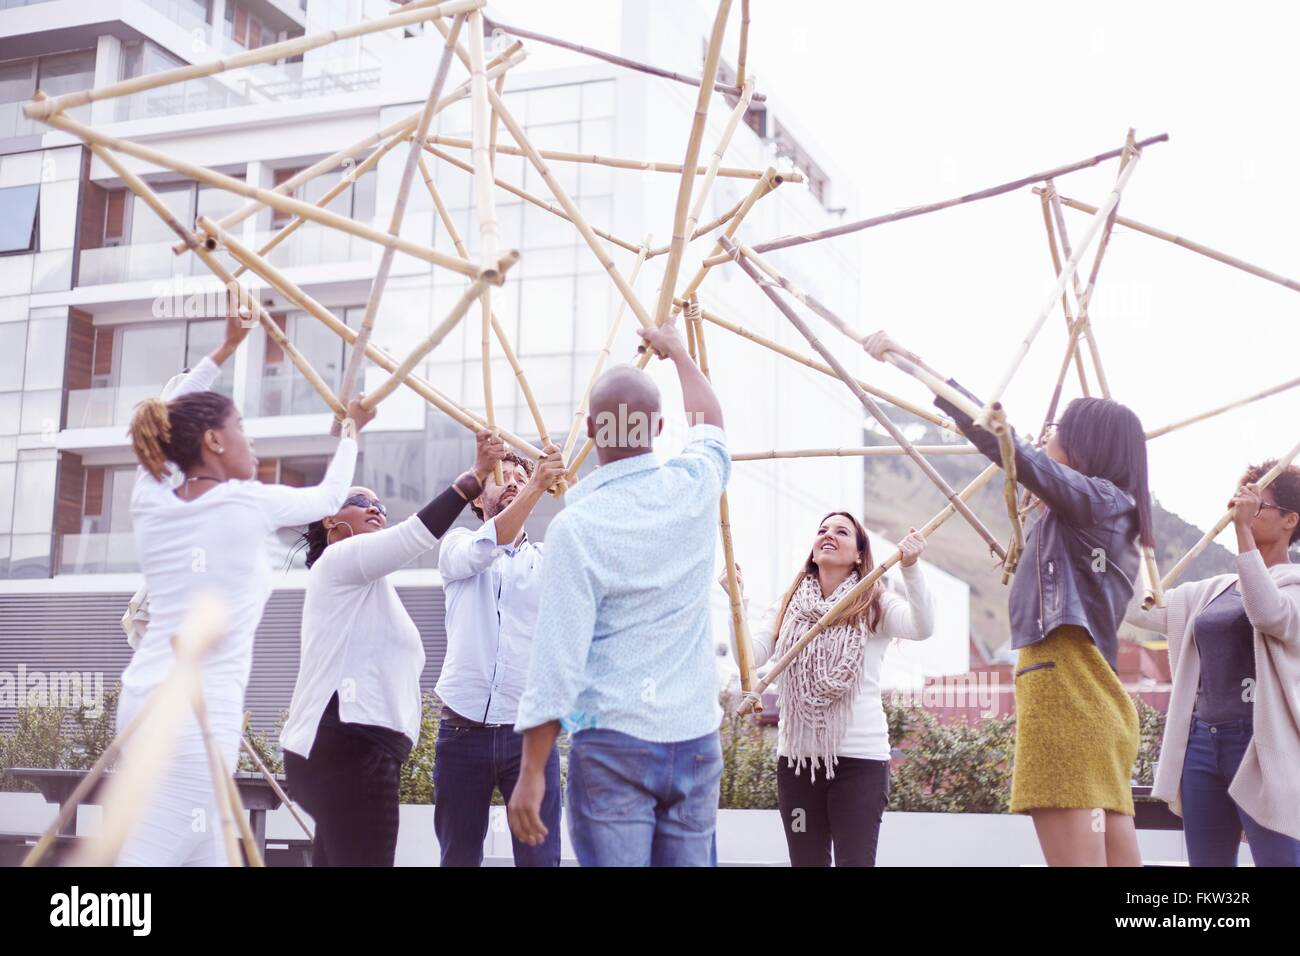 Low angle view collègues en team building construction levage tâche structure en bois Photo Stock